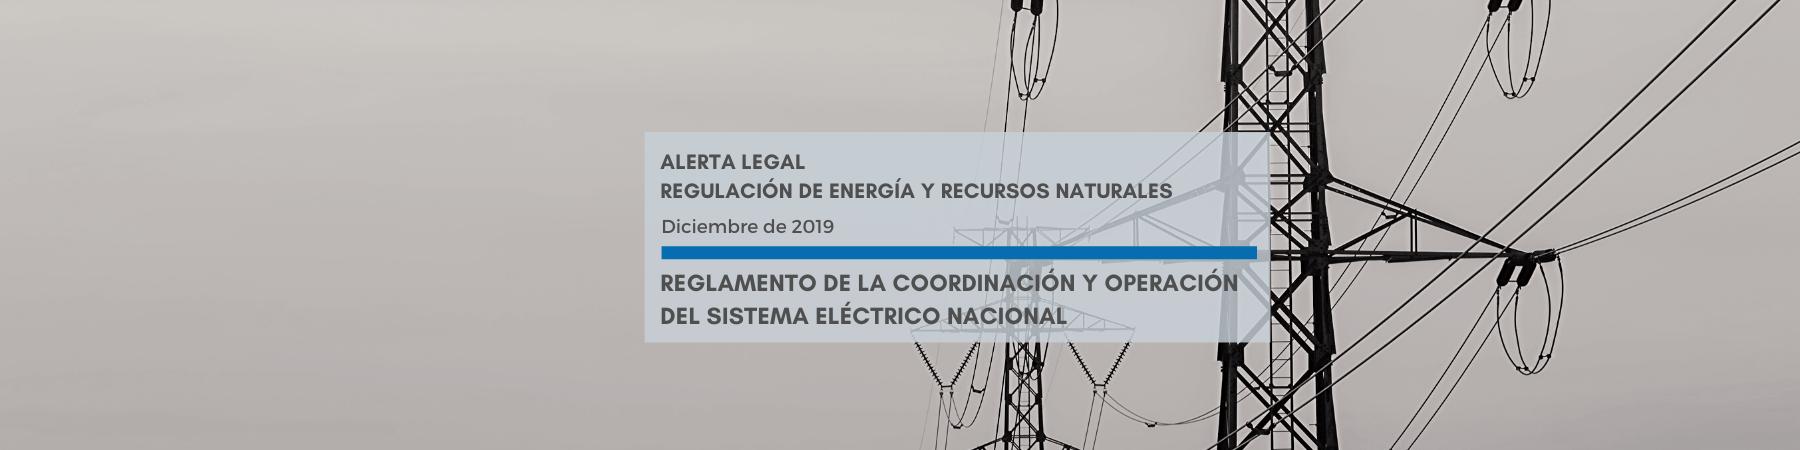 Alerta Legal | Reglamento de la coordinación y operación del sistema eléctrico nacional